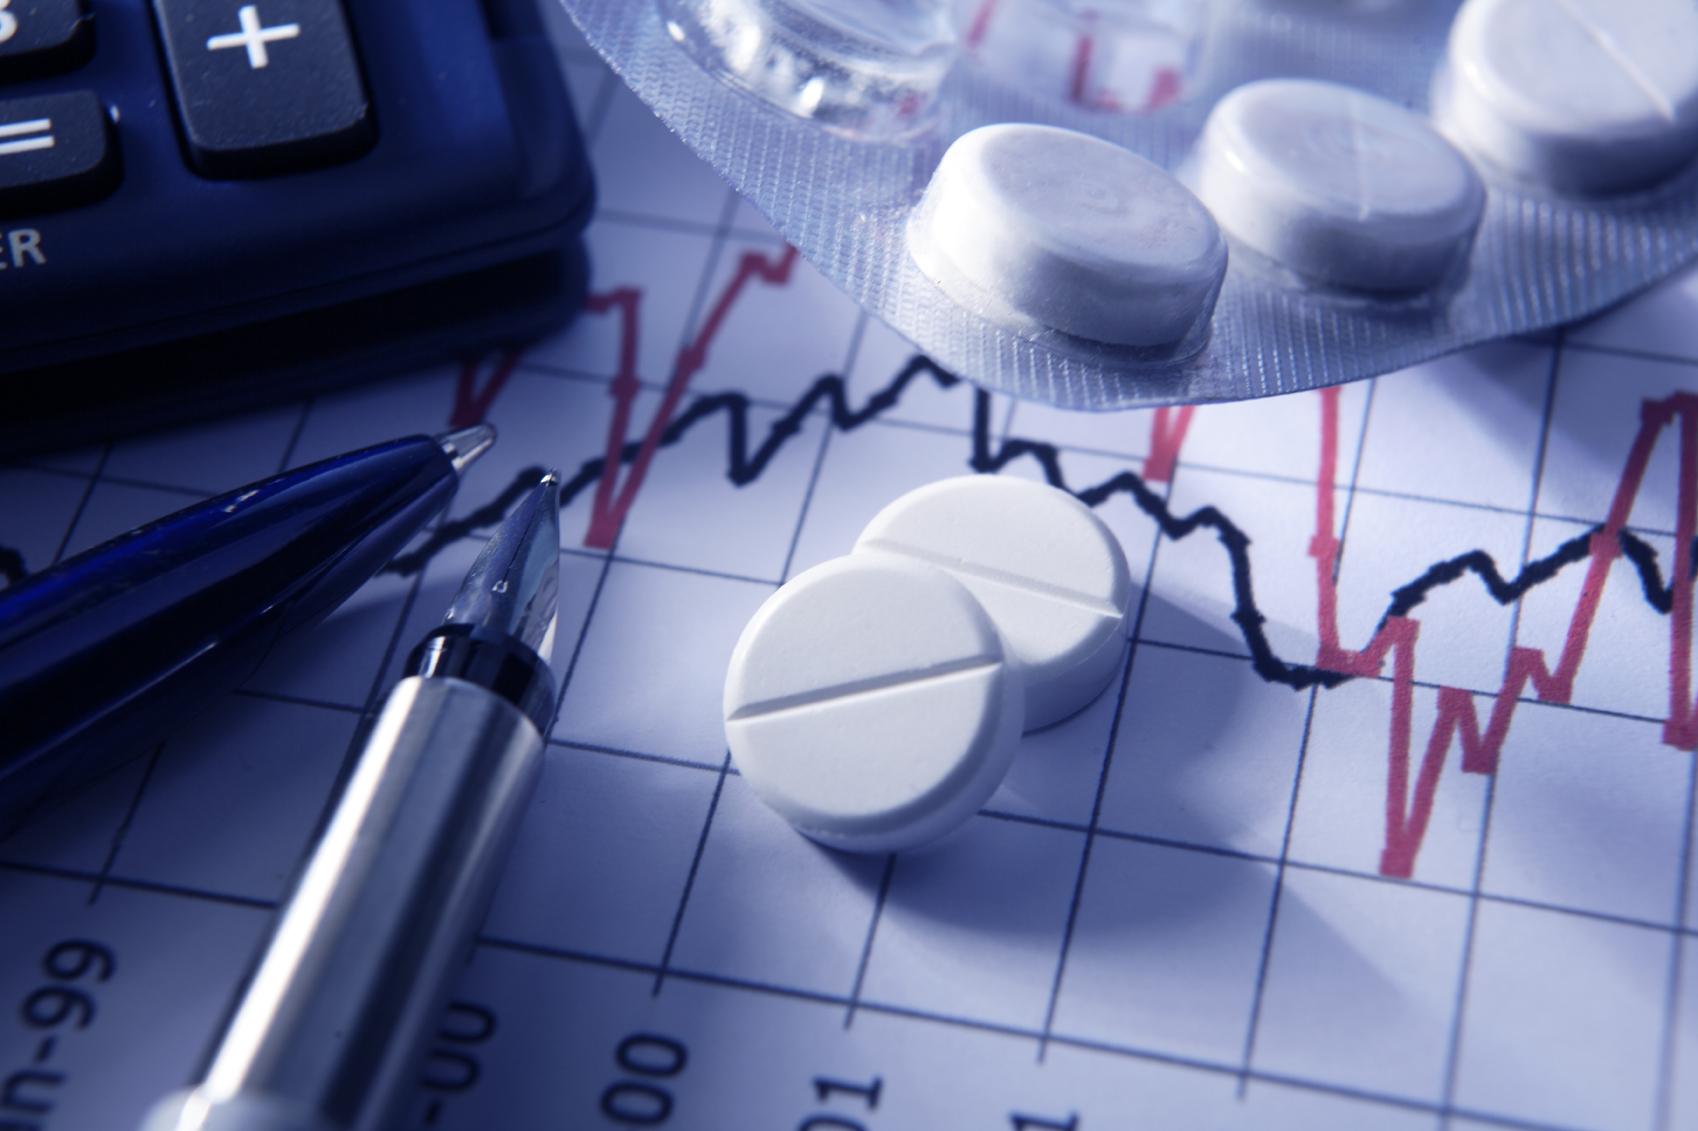 istock_finance_painkillers_on_stock_chart